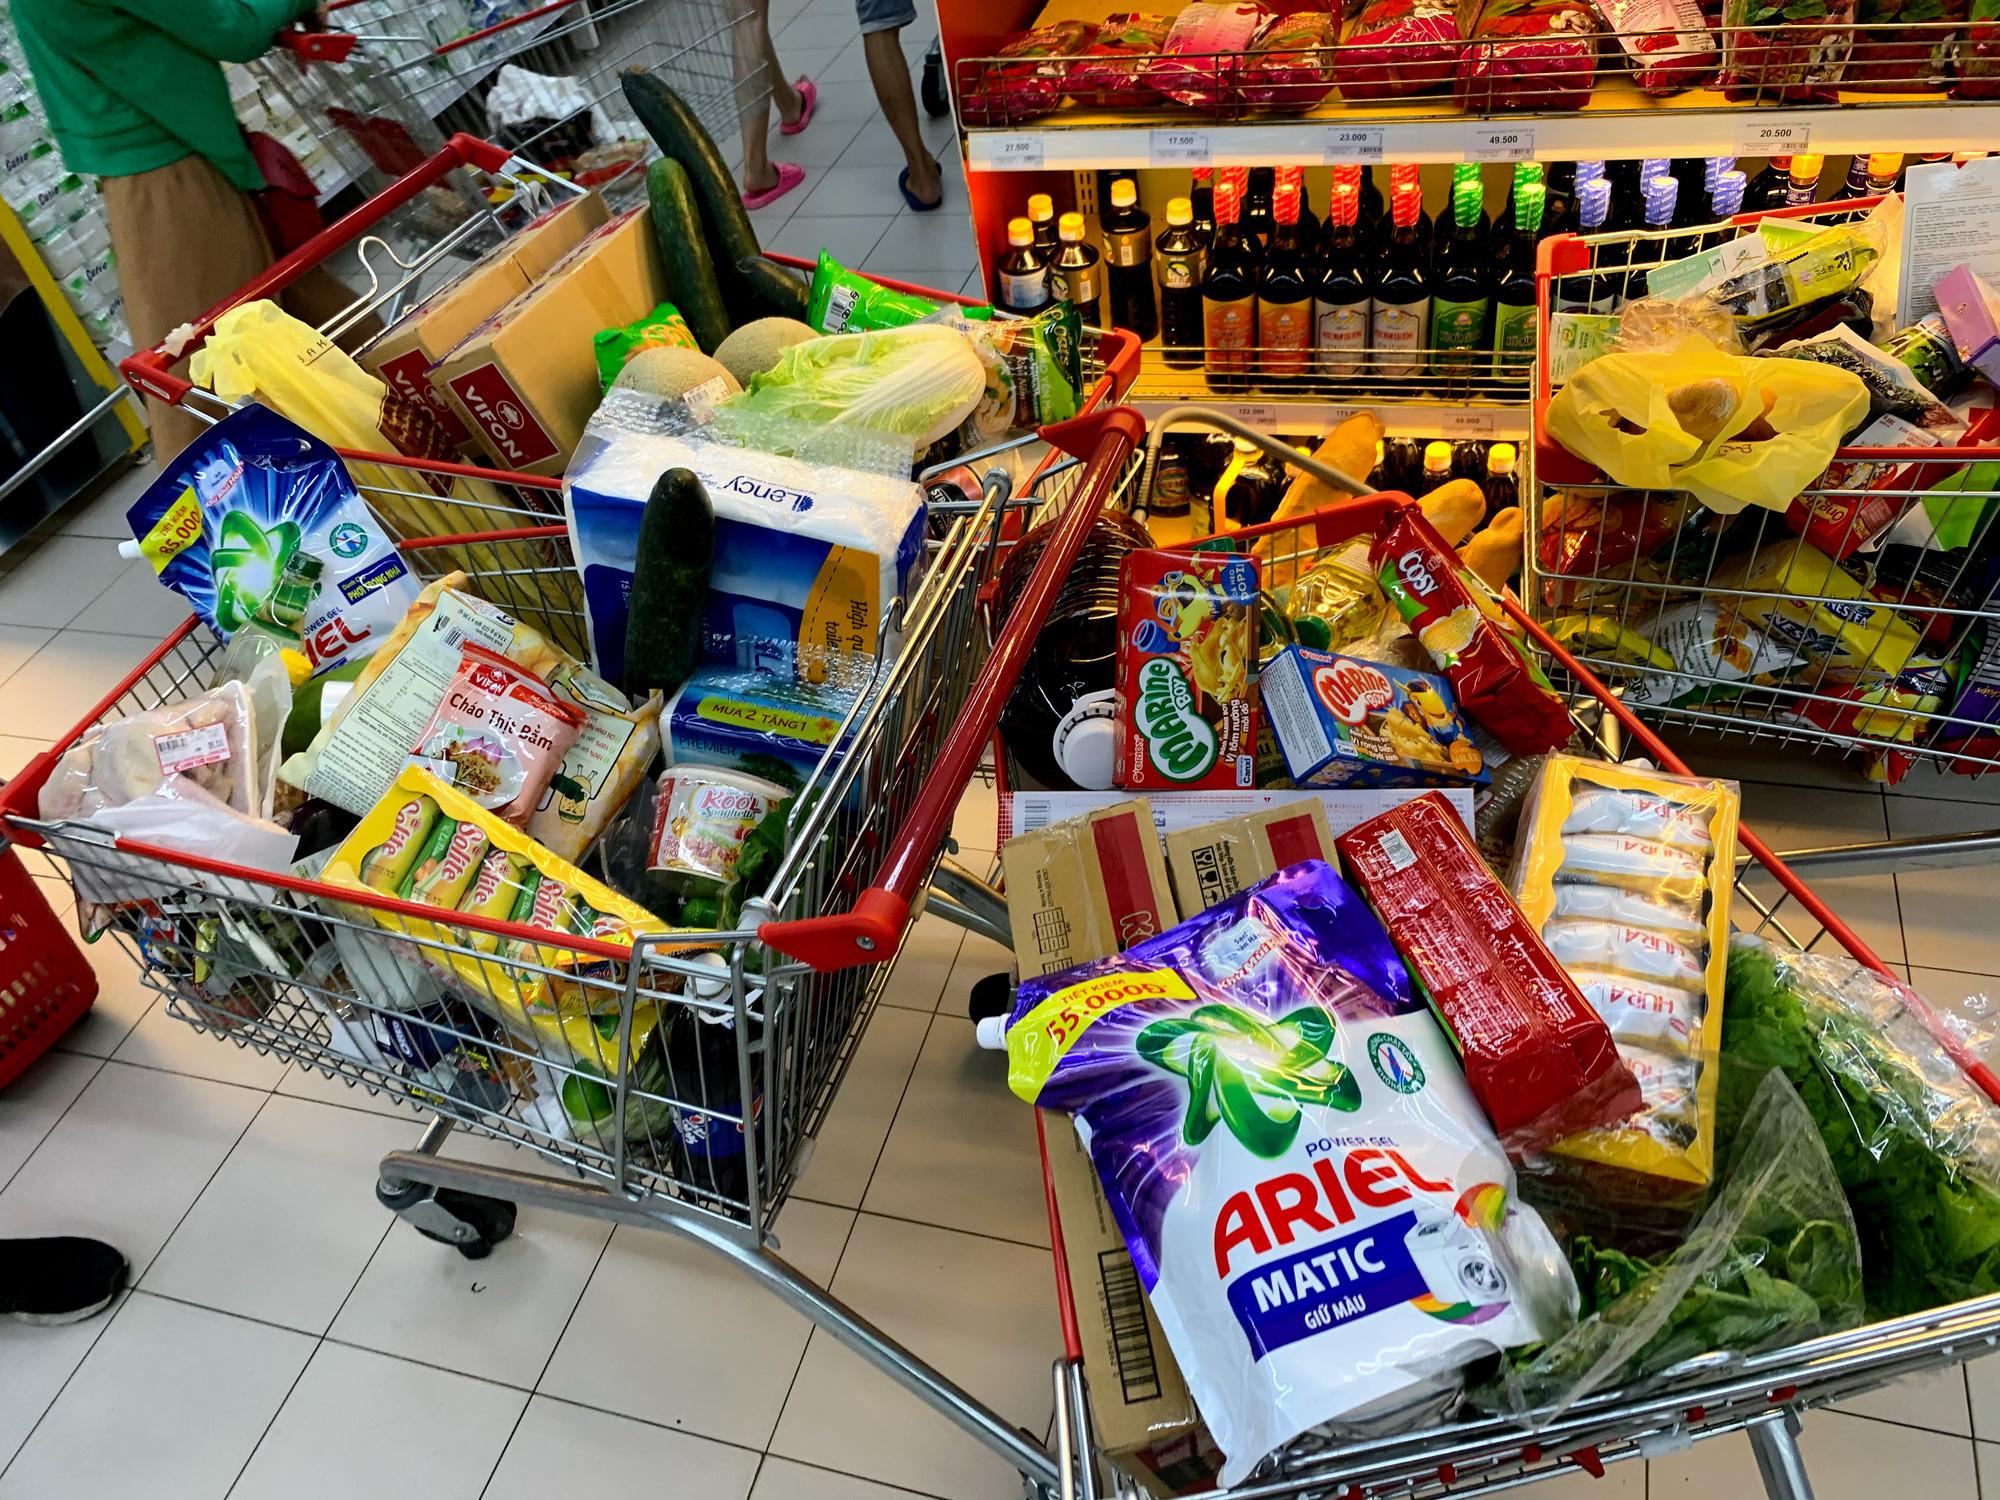 Trước giờ giới nghiêm, người Hà Nội ùn ùn kéo về siêu thị, mua sạch mì tôm, thực phẩm, giấy vệ sinh - Ảnh 16.